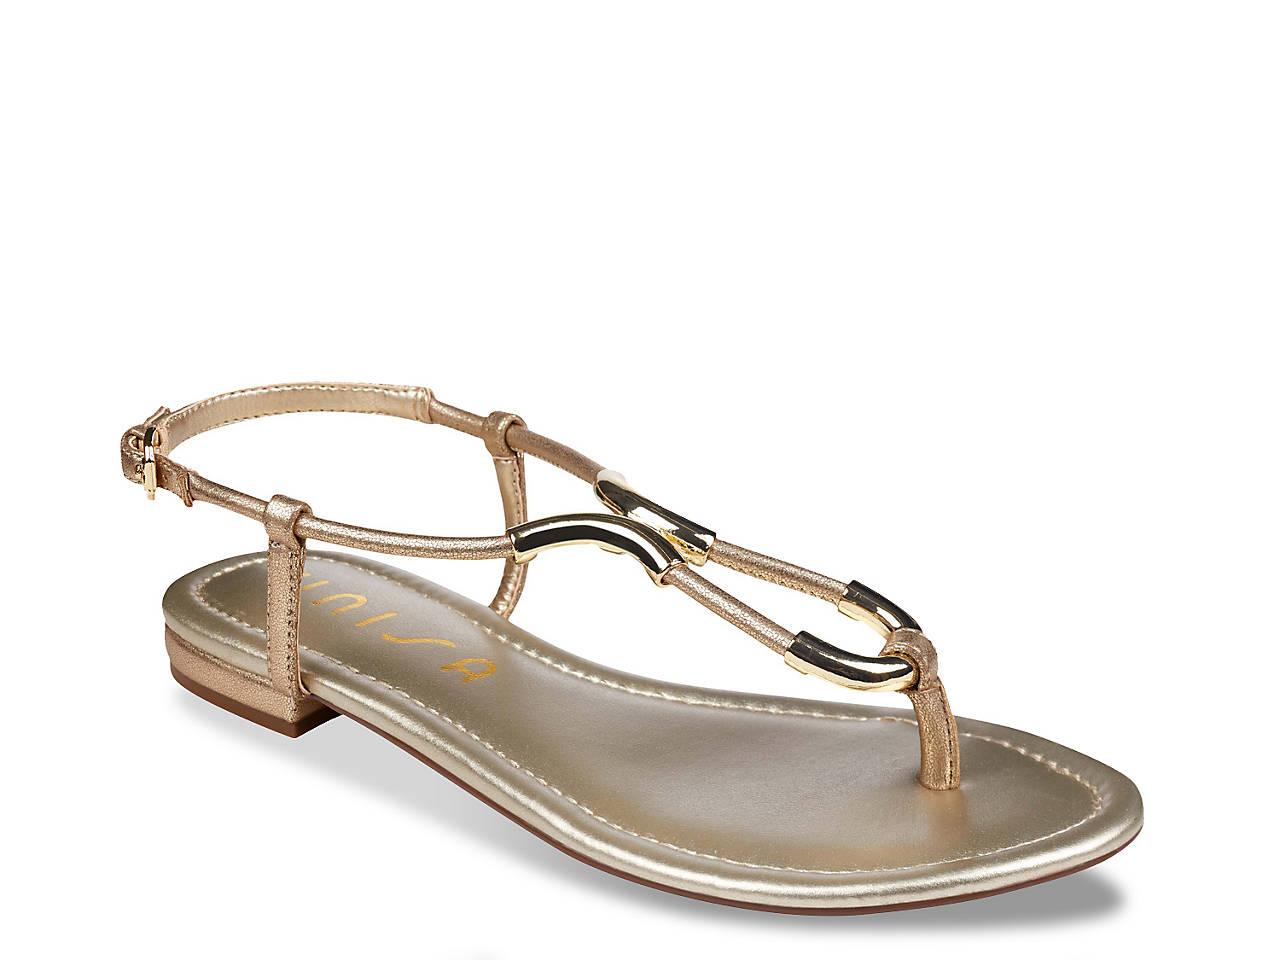 76e041fd90d Unisa Undelson Flat Sandal Women s Shoes